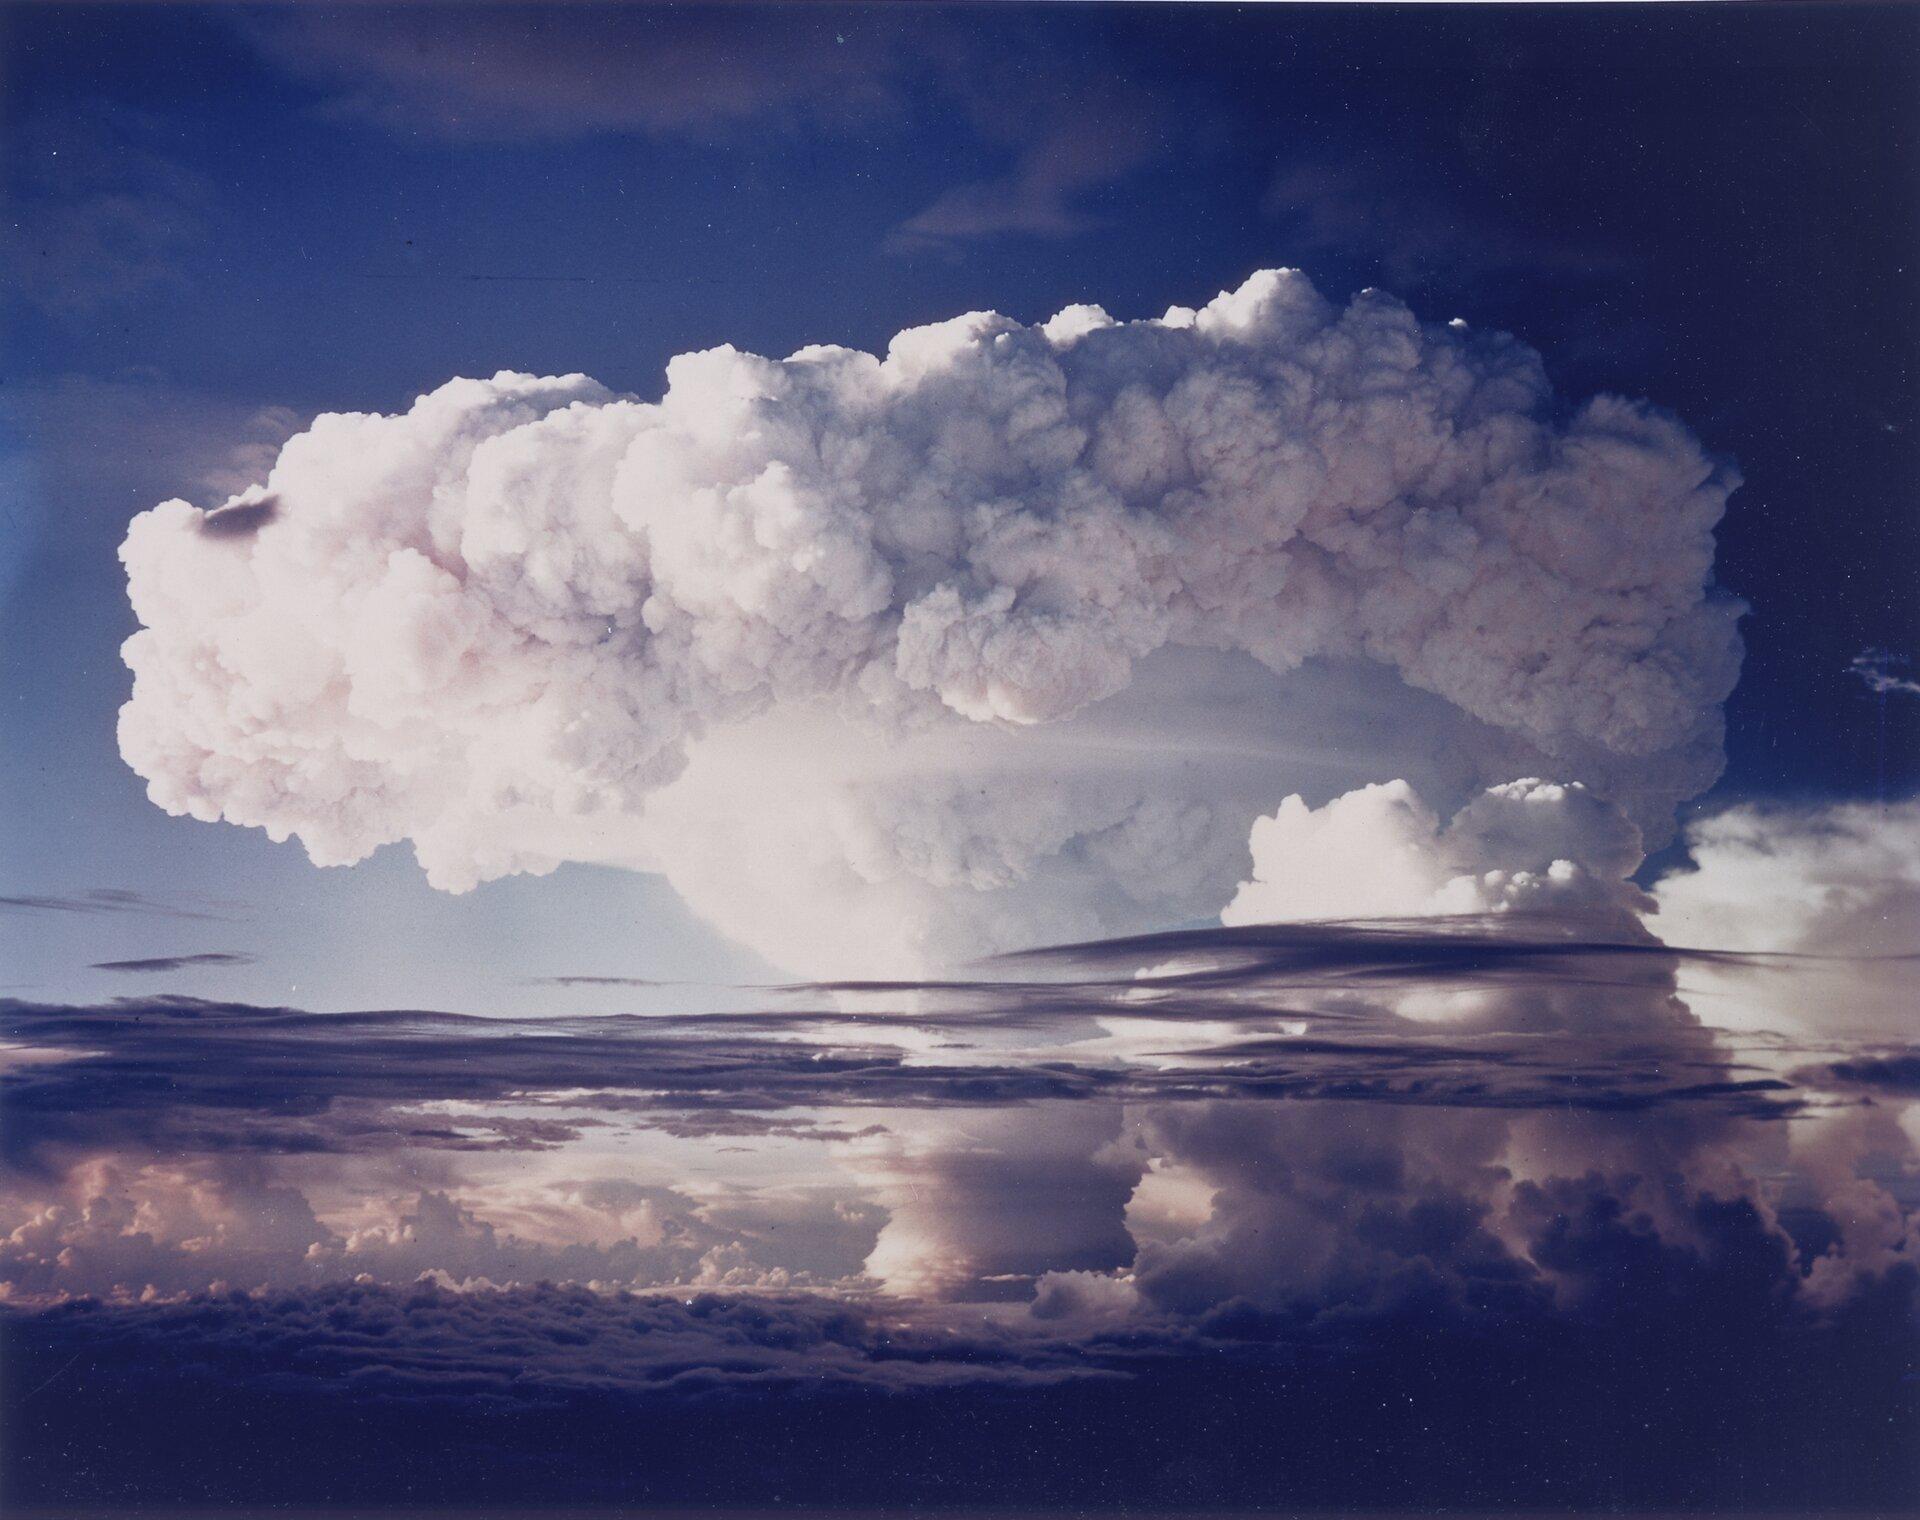 Kolorowe zdjęcie 6: Ivy Mike, próba jądrowa nad oceanem. Zdjęcie przedstawia białą chmurę tworzącą grzyb atomowy. Górna część grzyba to kłęby białych chmur ułożonych wkrąg.